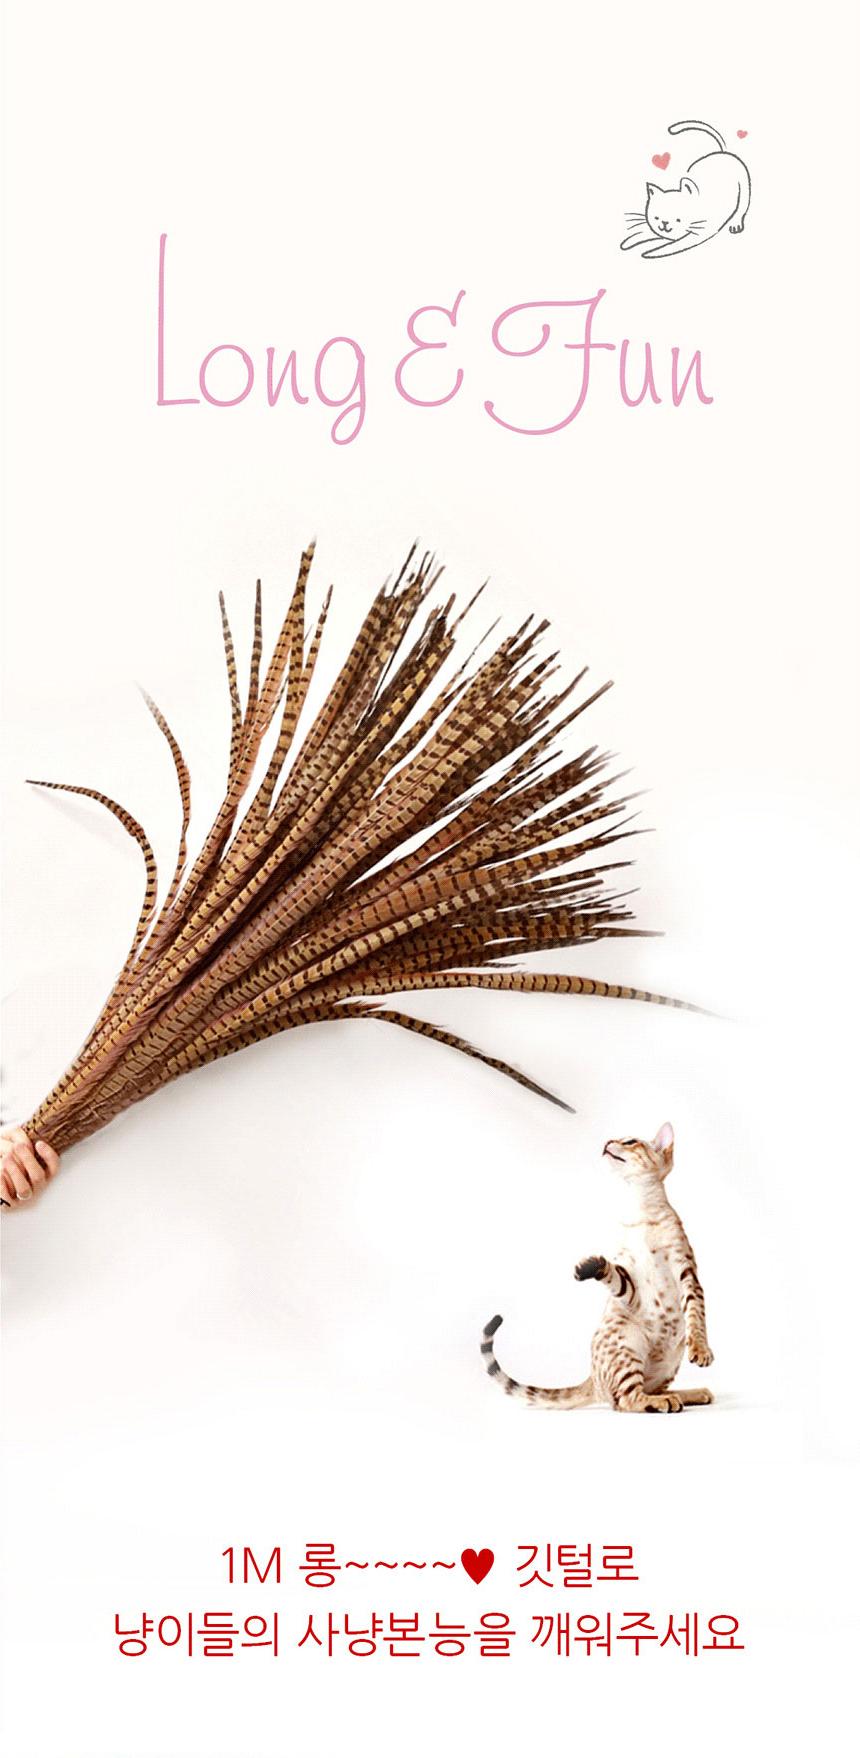 1m 롱 꿩깃털 5개 고양이 깃털 장난감 다묘네 낚시대33,900원-해지인펫샵, 고양이용품, 장난감/스크래쳐, 장난감바보사랑1m 롱 꿩깃털 5개 고양이 깃털 장난감 다묘네 낚시대33,900원-해지인펫샵, 고양이용품, 장난감/스크래쳐, 장난감바보사랑